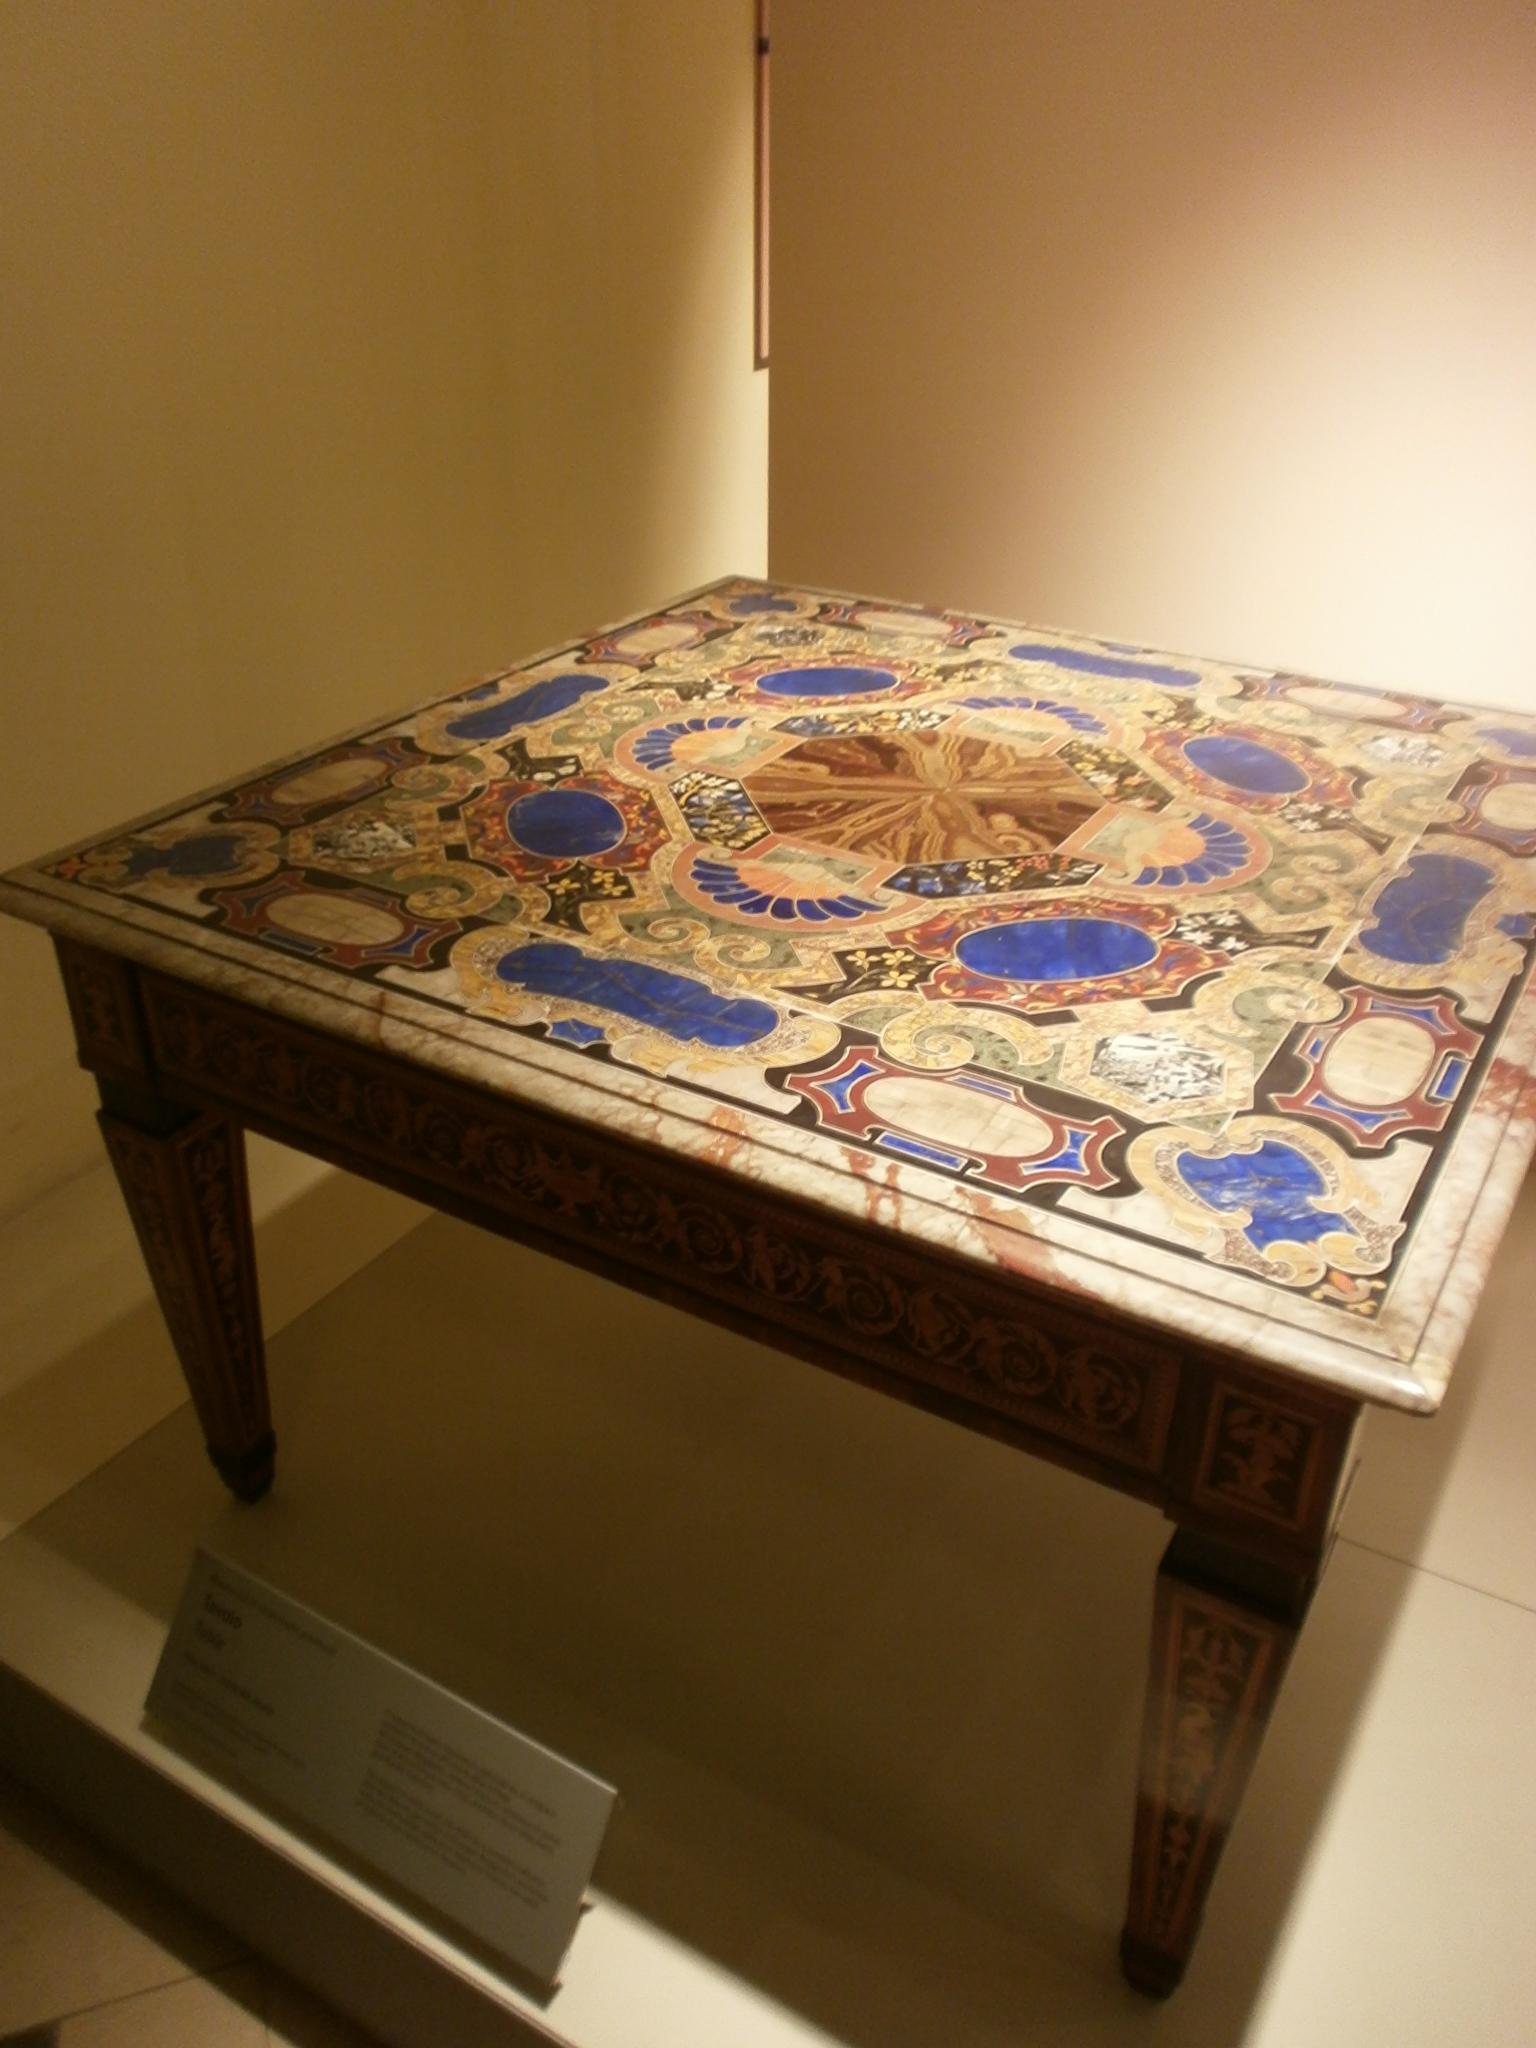 File:Tavolo (table) - fine XVIII inizio XIX secolo - botteghe ...